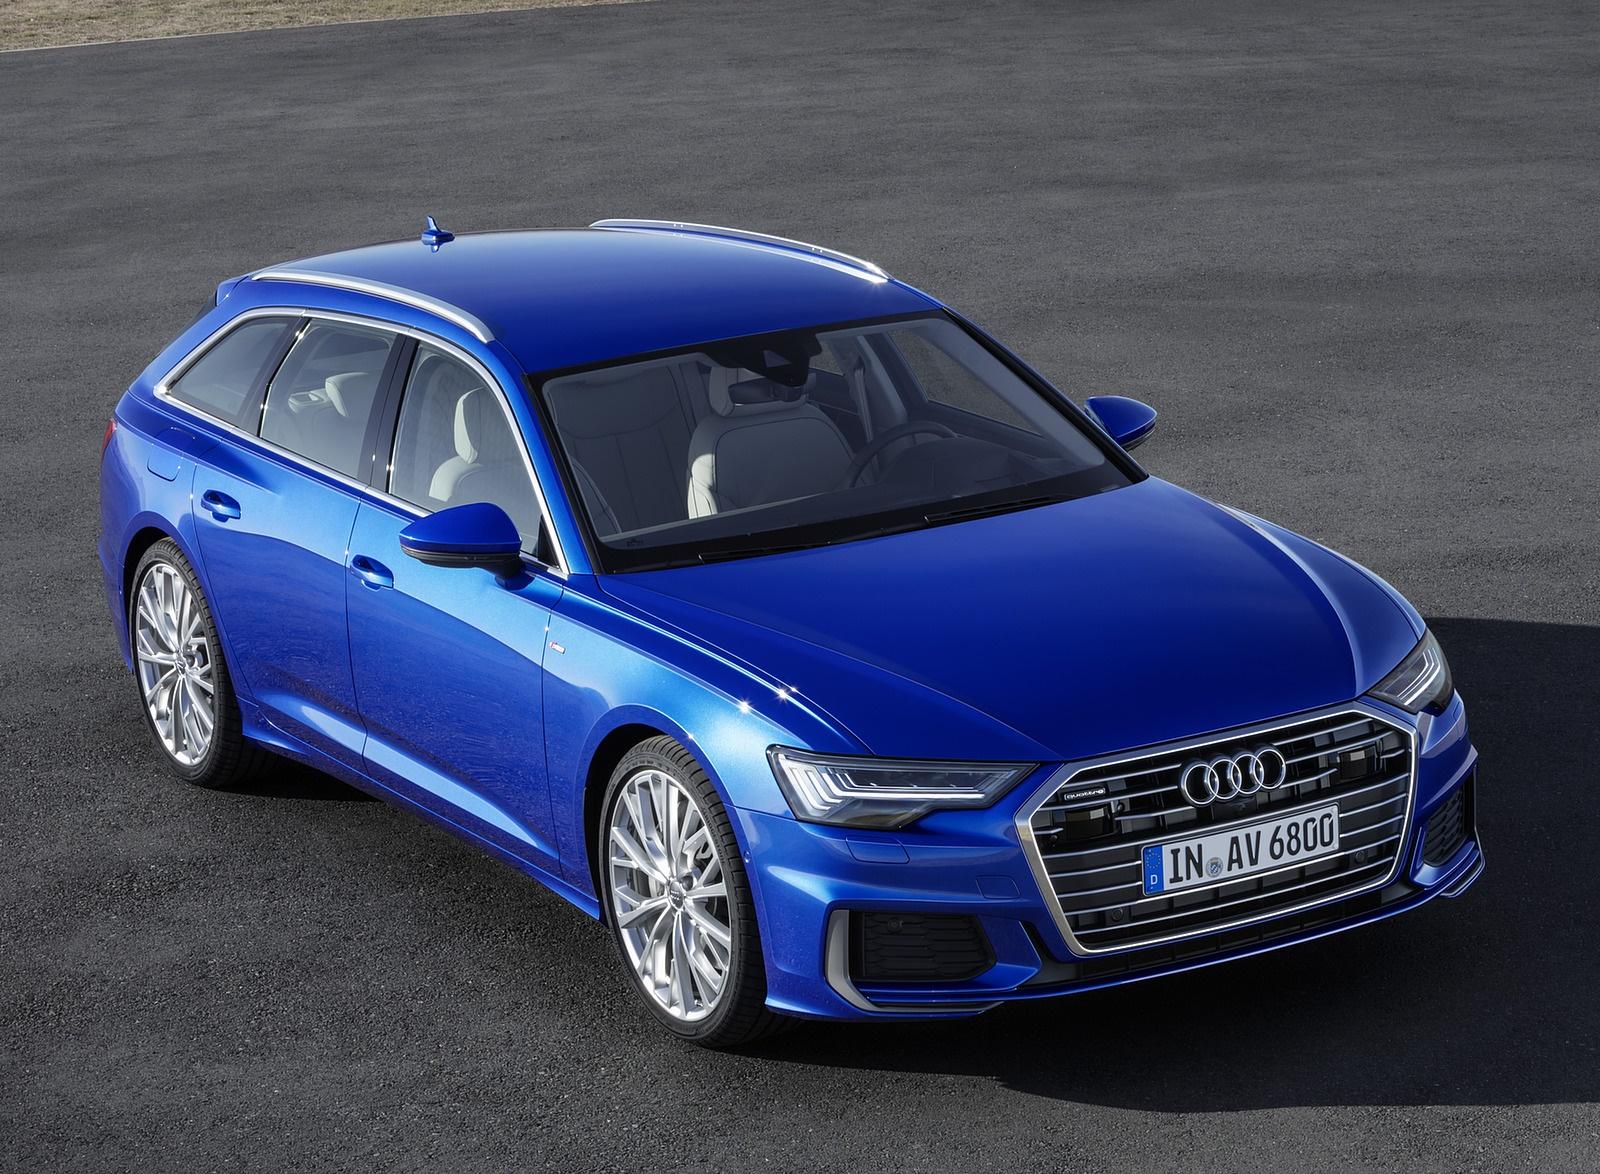 2019 Audi A6 Avant (Color: Sepang Blue) Front Three-Quarter Wallpapers (11)